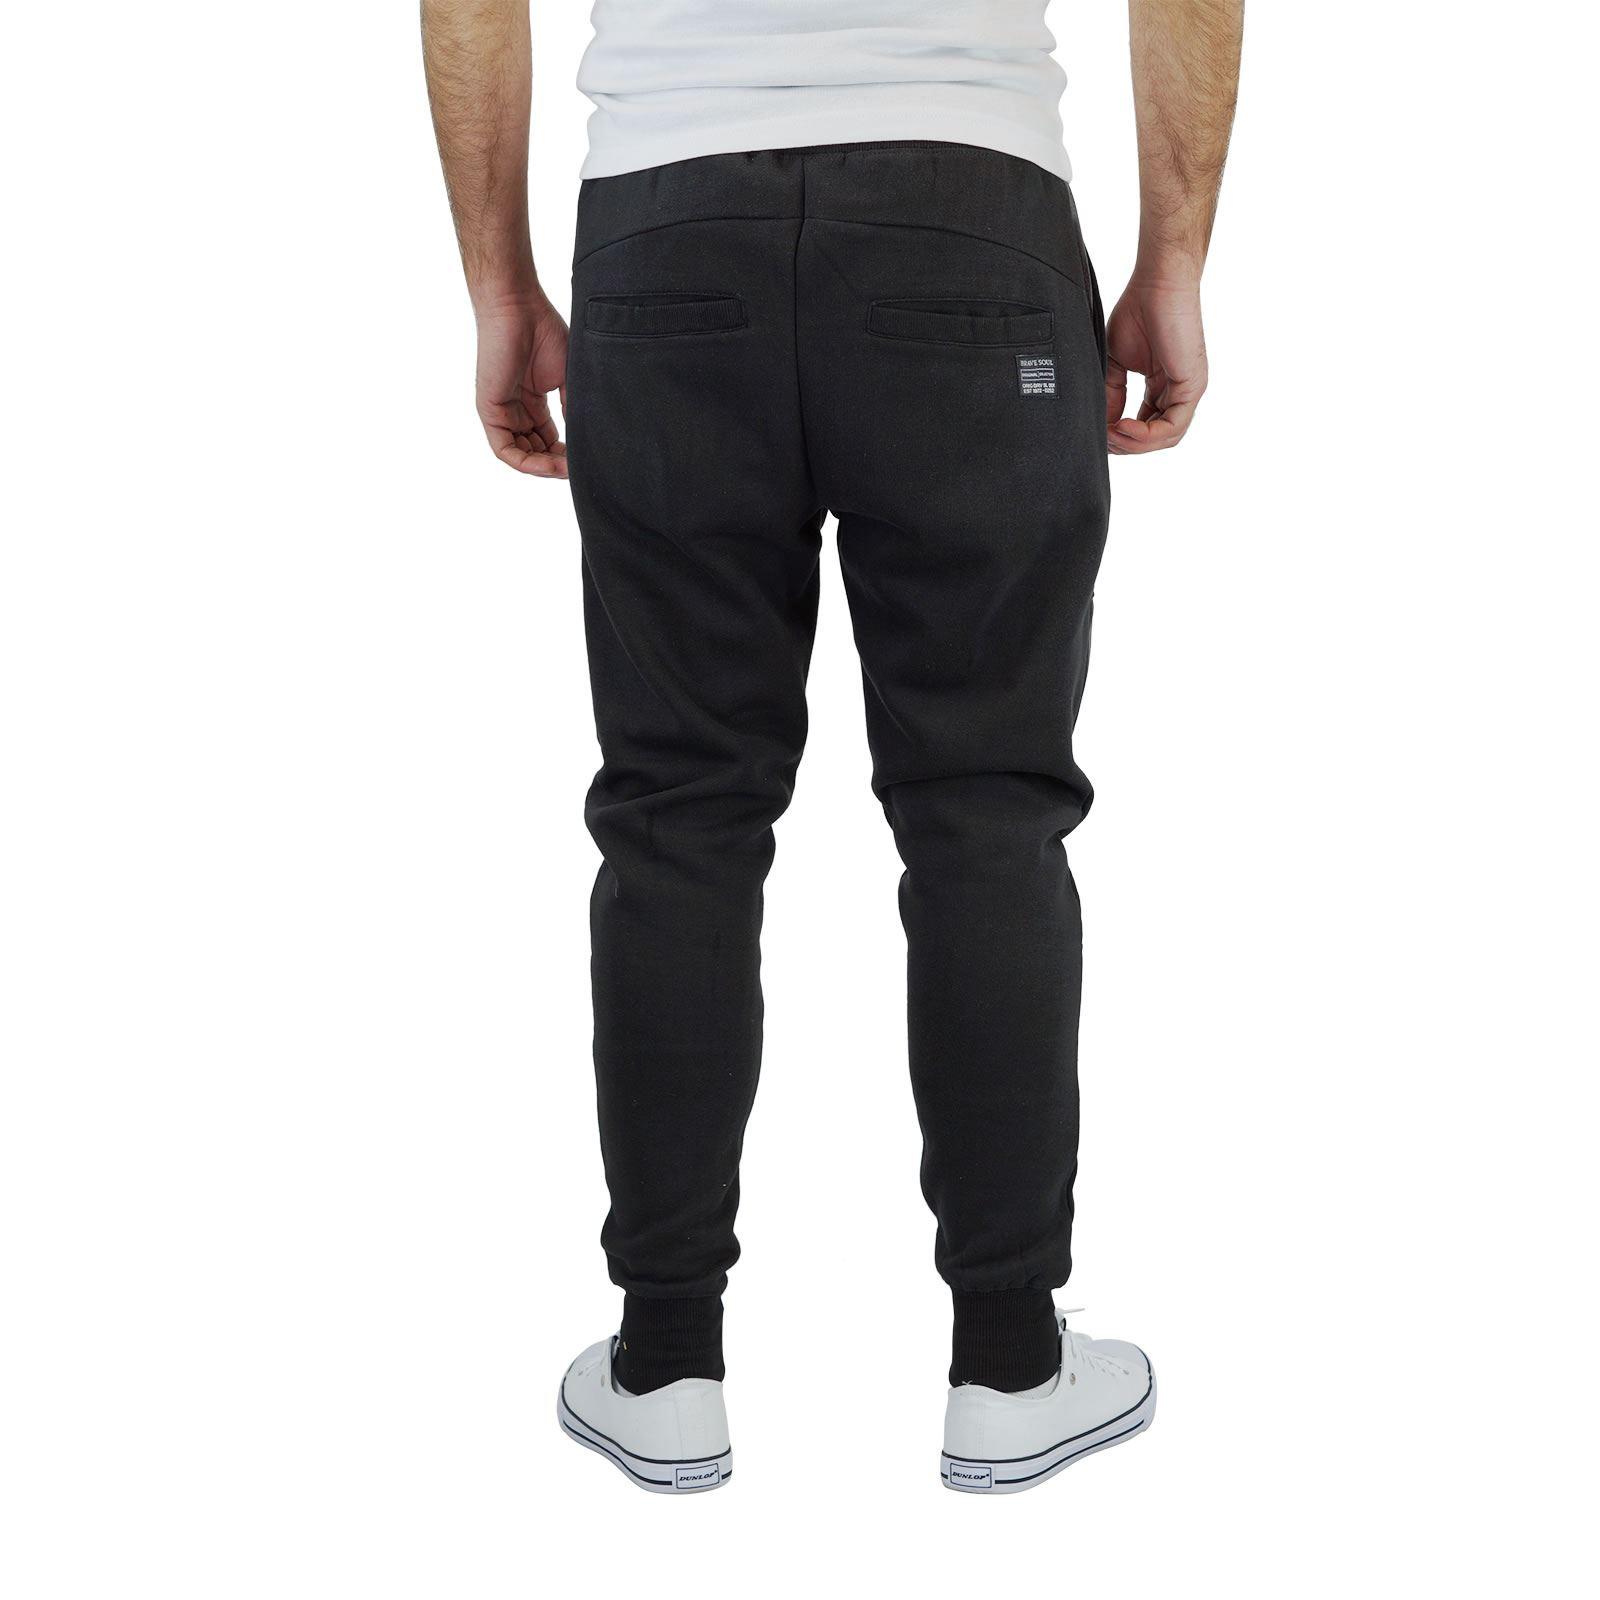 miniature 7 - Homme-Pantalon-De-Survetement-Brave-Soul-Sean-Slim-Motard-Panneau-Detail-Decontracte-Pantalon